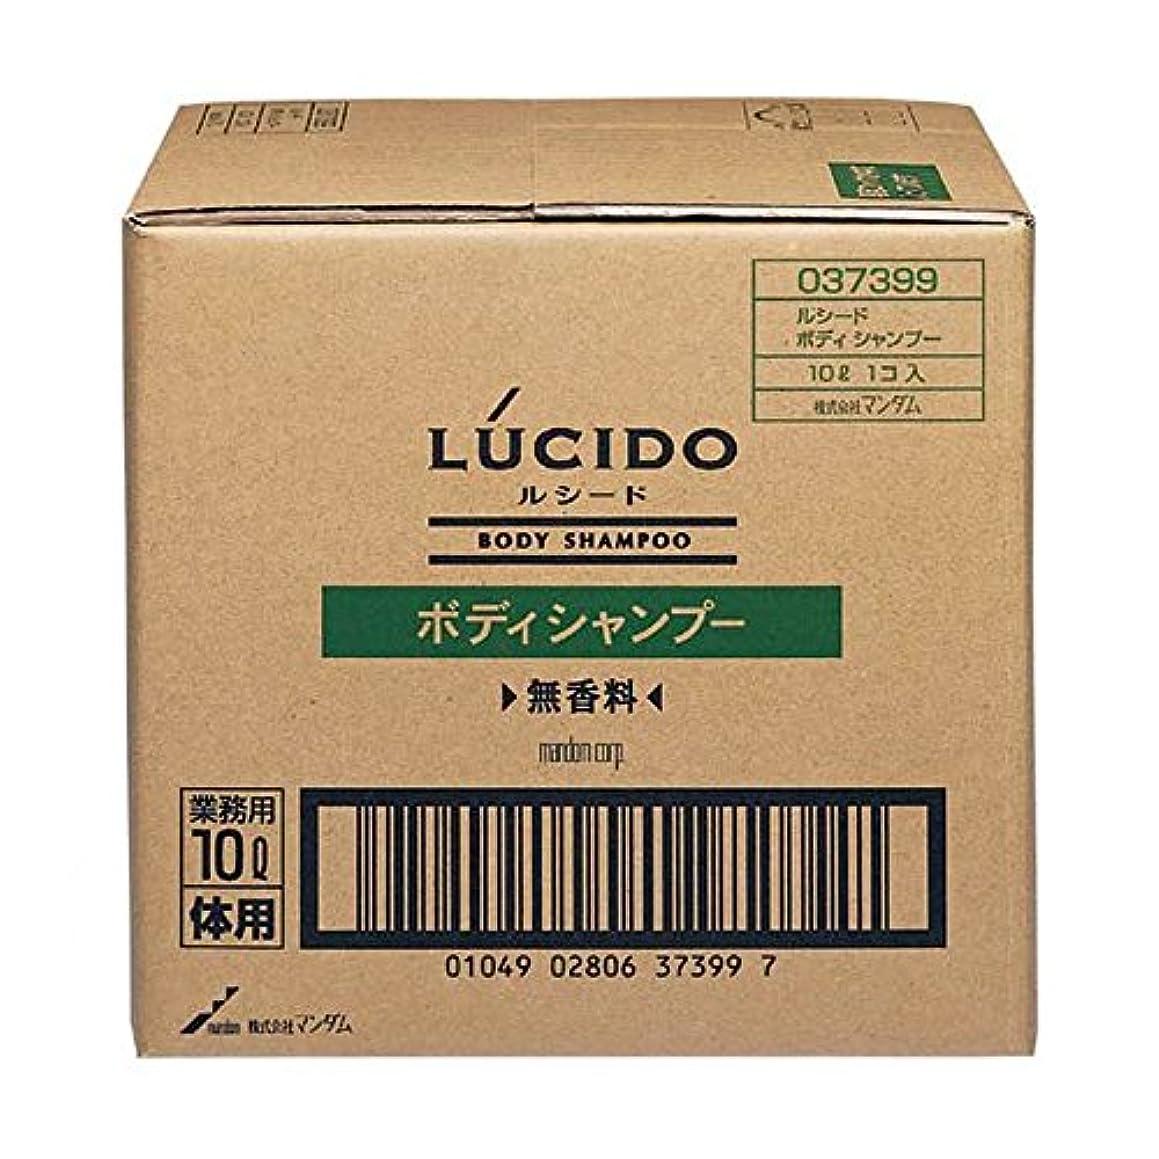 に軸プラスチックマンダム ルシード ボディシャンプー 10L